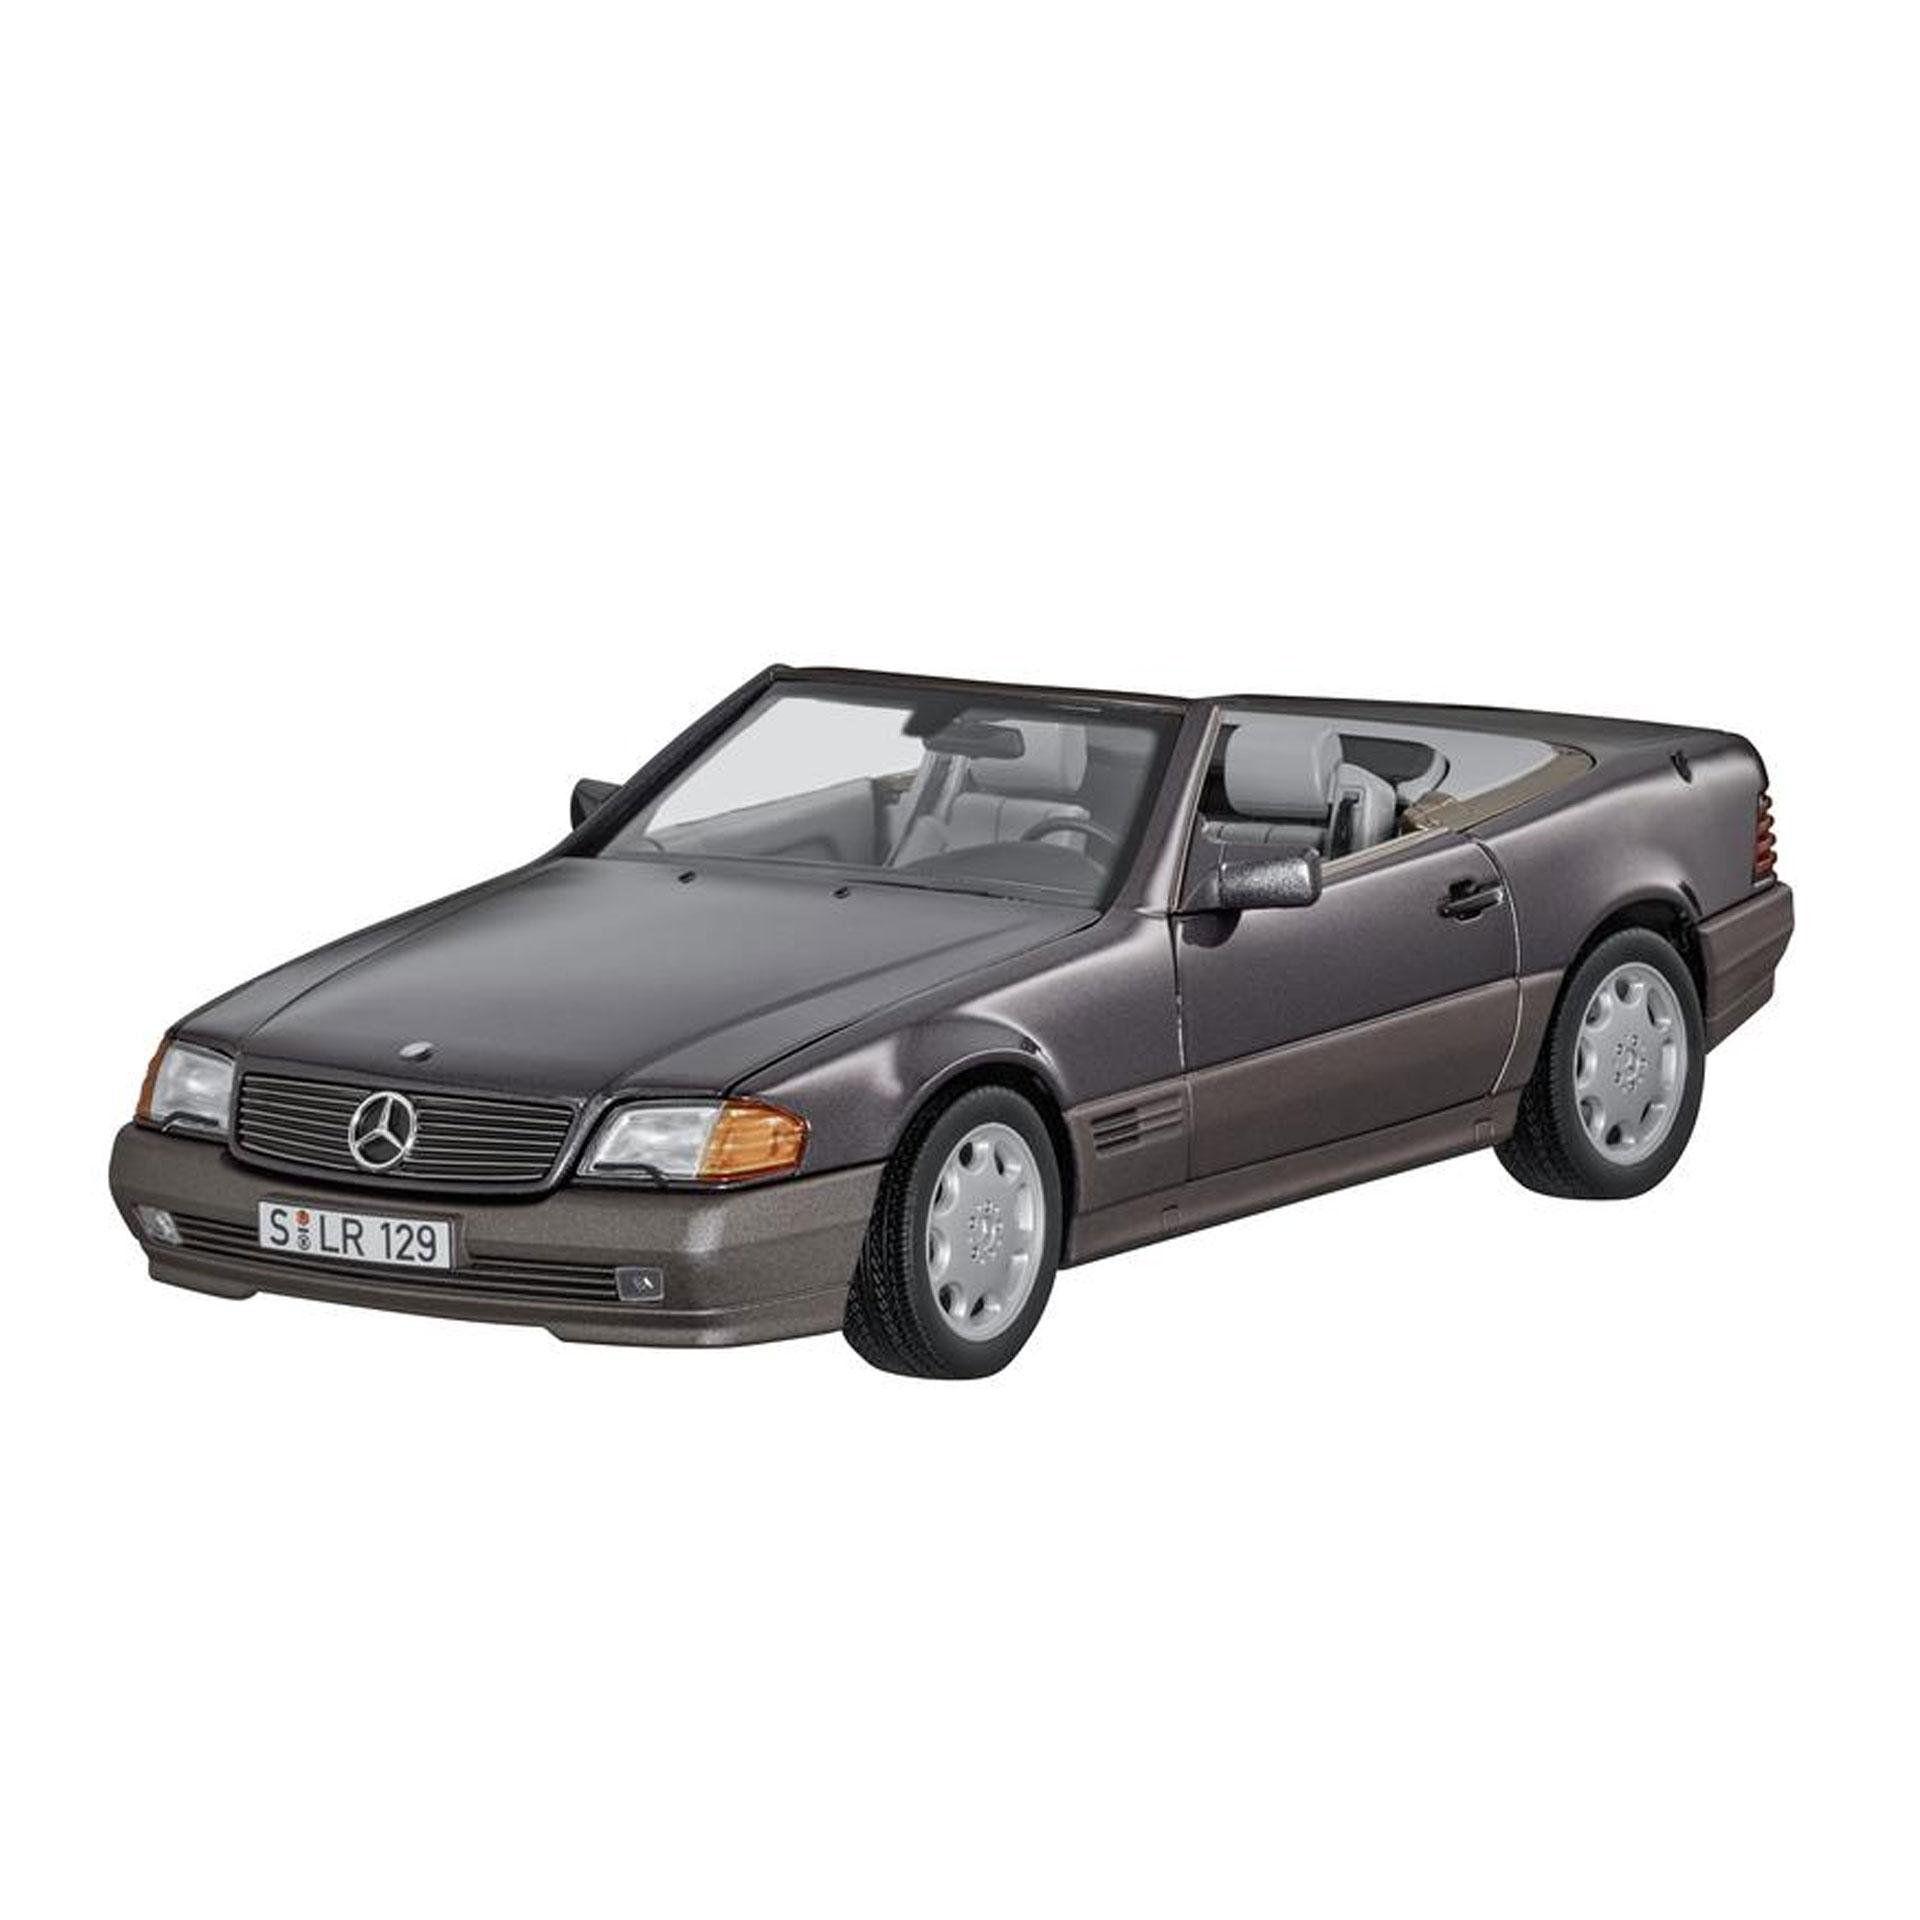 Mercedes-Benz Modellauto 500 SL R 129 (1989-1995) 1:18 bornit